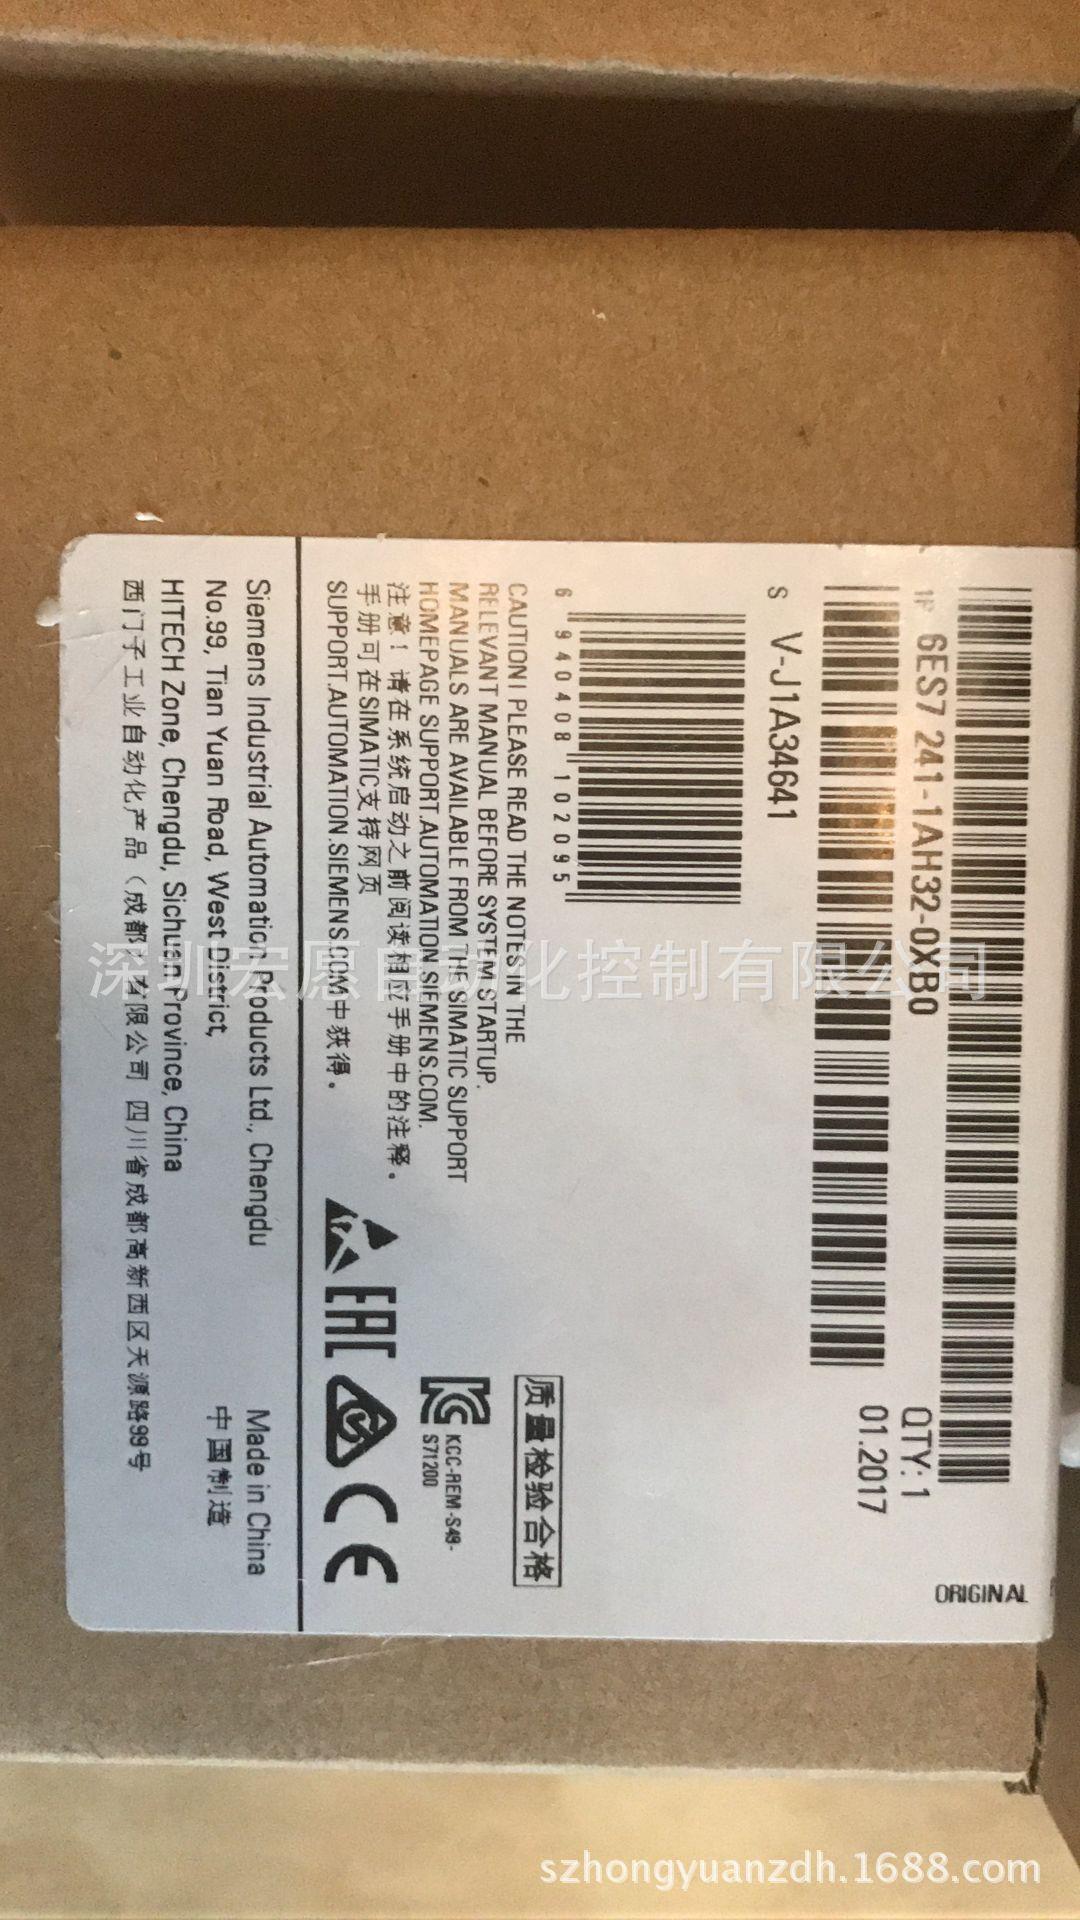 6ES7392-1BM01-0AA0原装シーメンスPLC前コネクタよんじゅう針S7-300スポット